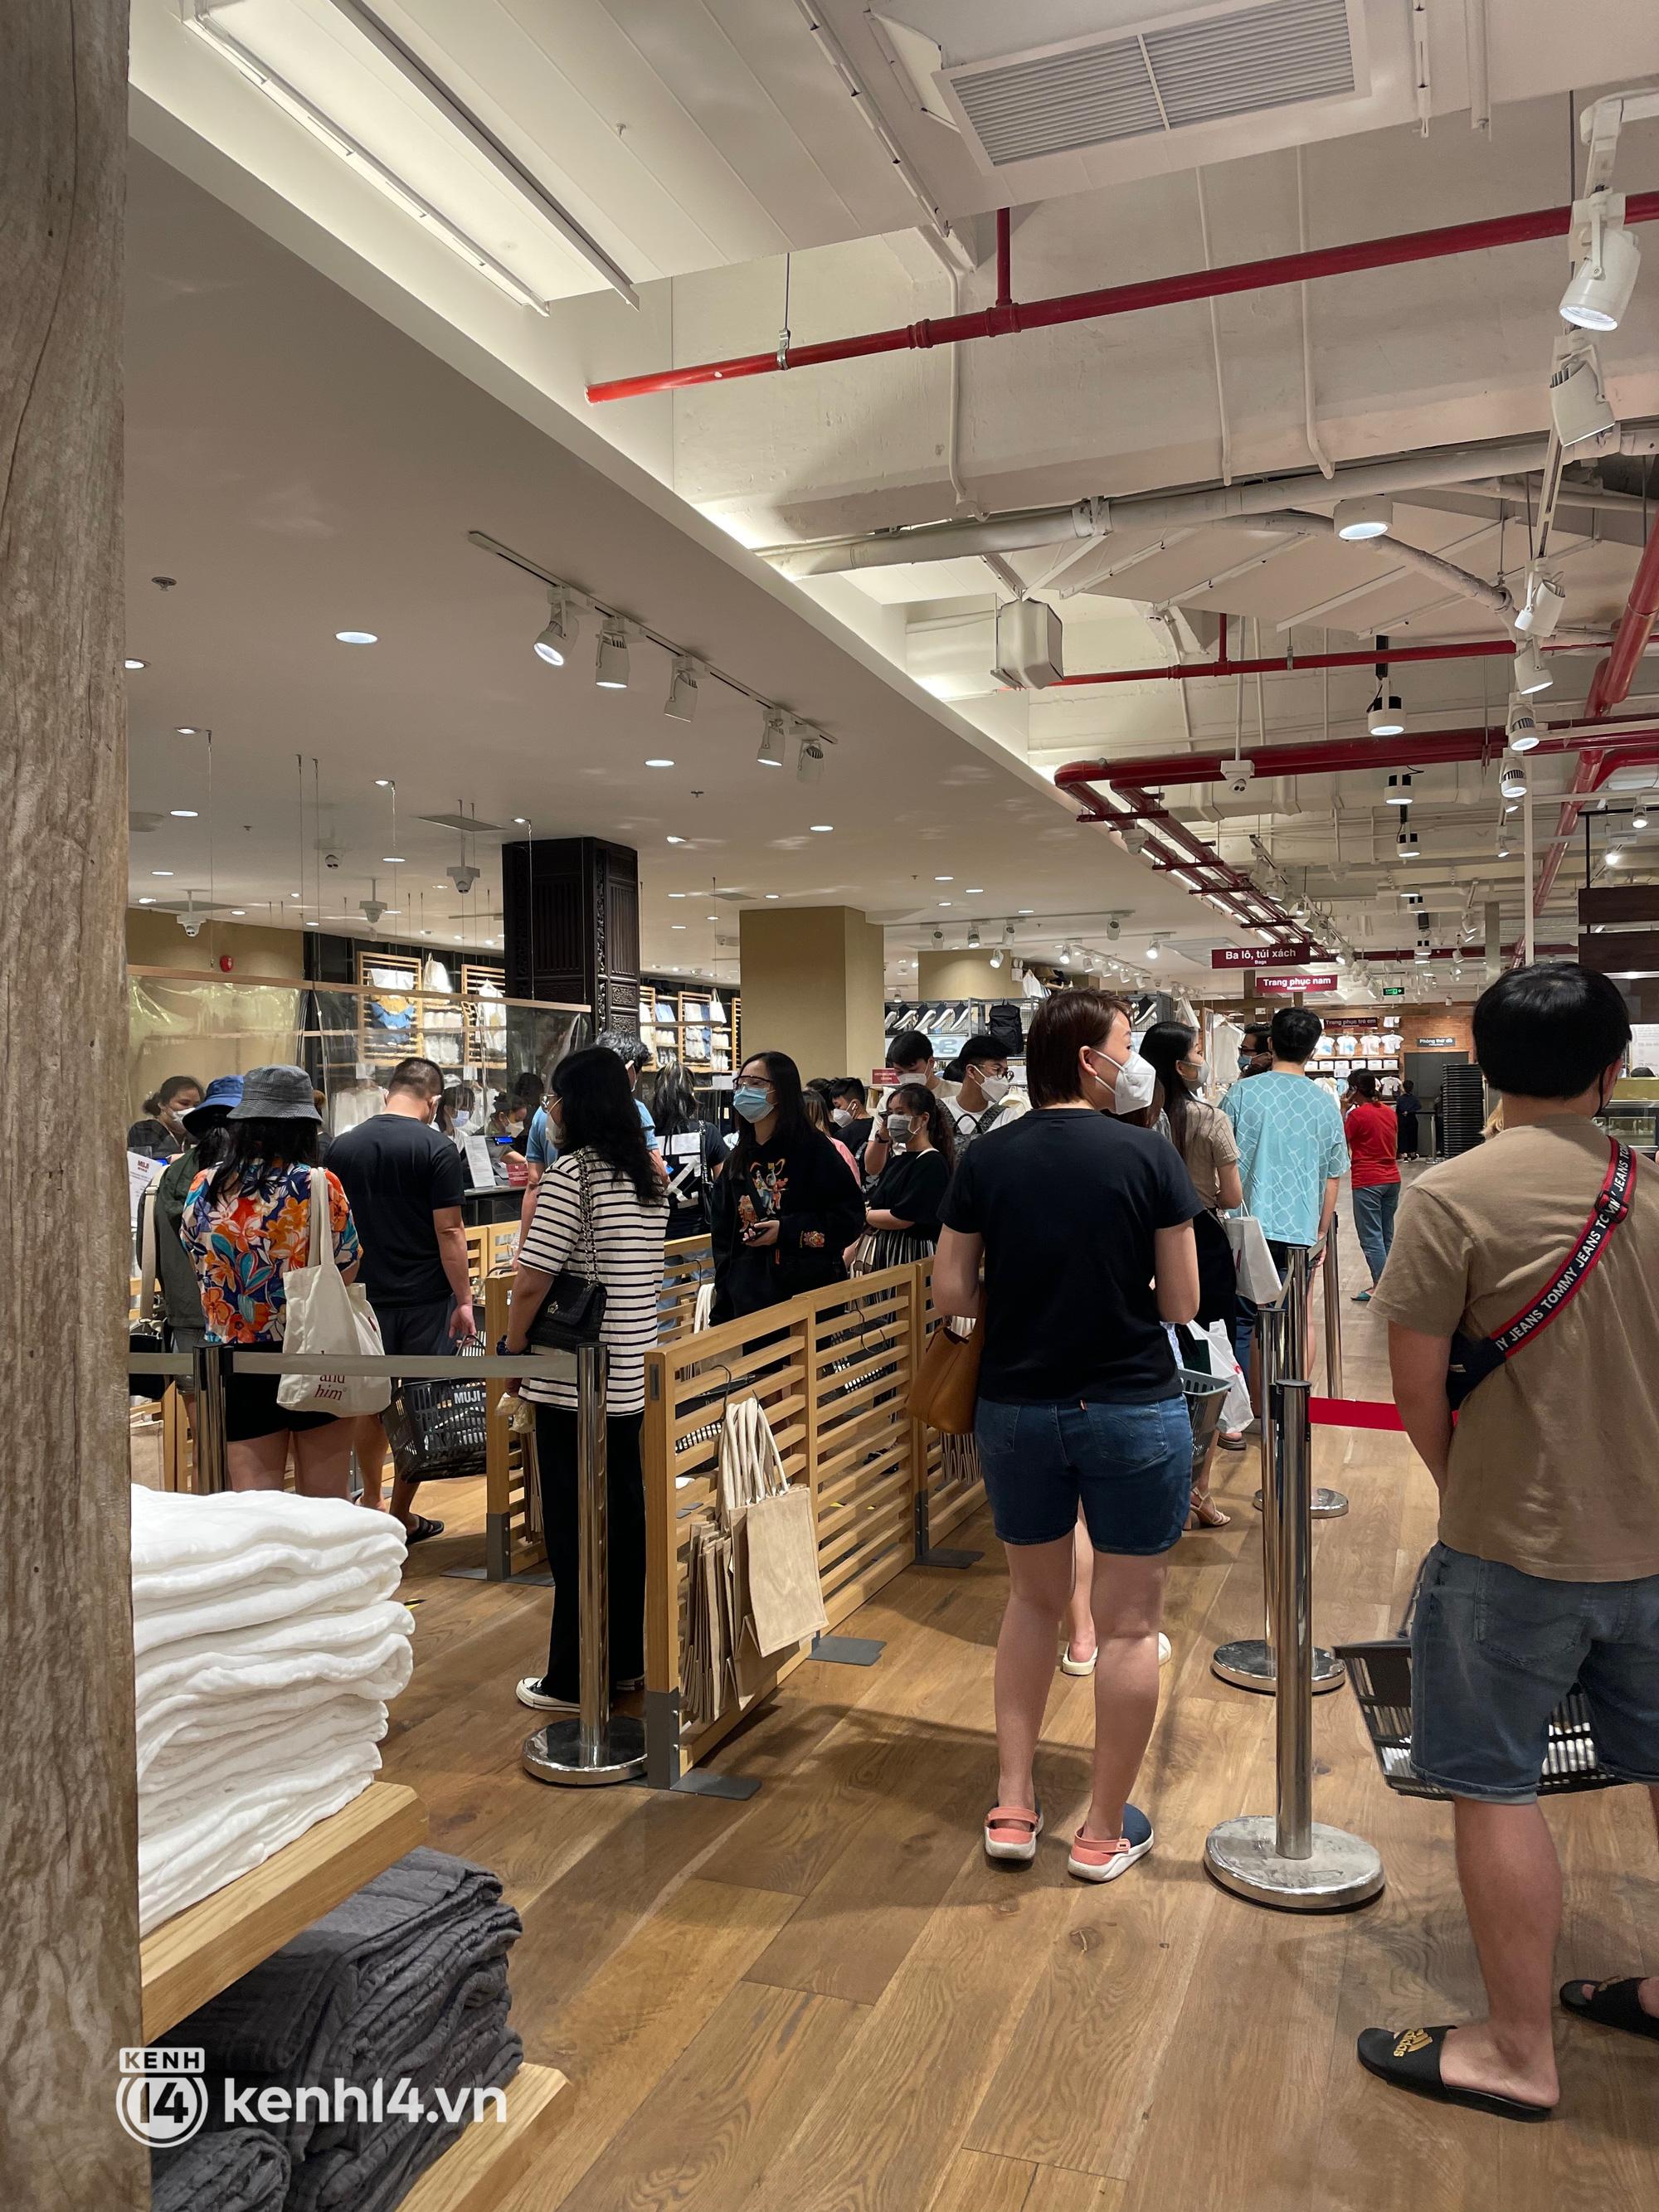 Sài Gòn: Dân tình mua sắm phục thù, xếp hàng dài mua cả bao tải đồ sale, có người chờ không nổi đành bỏ ngang ra về - Ảnh 8.